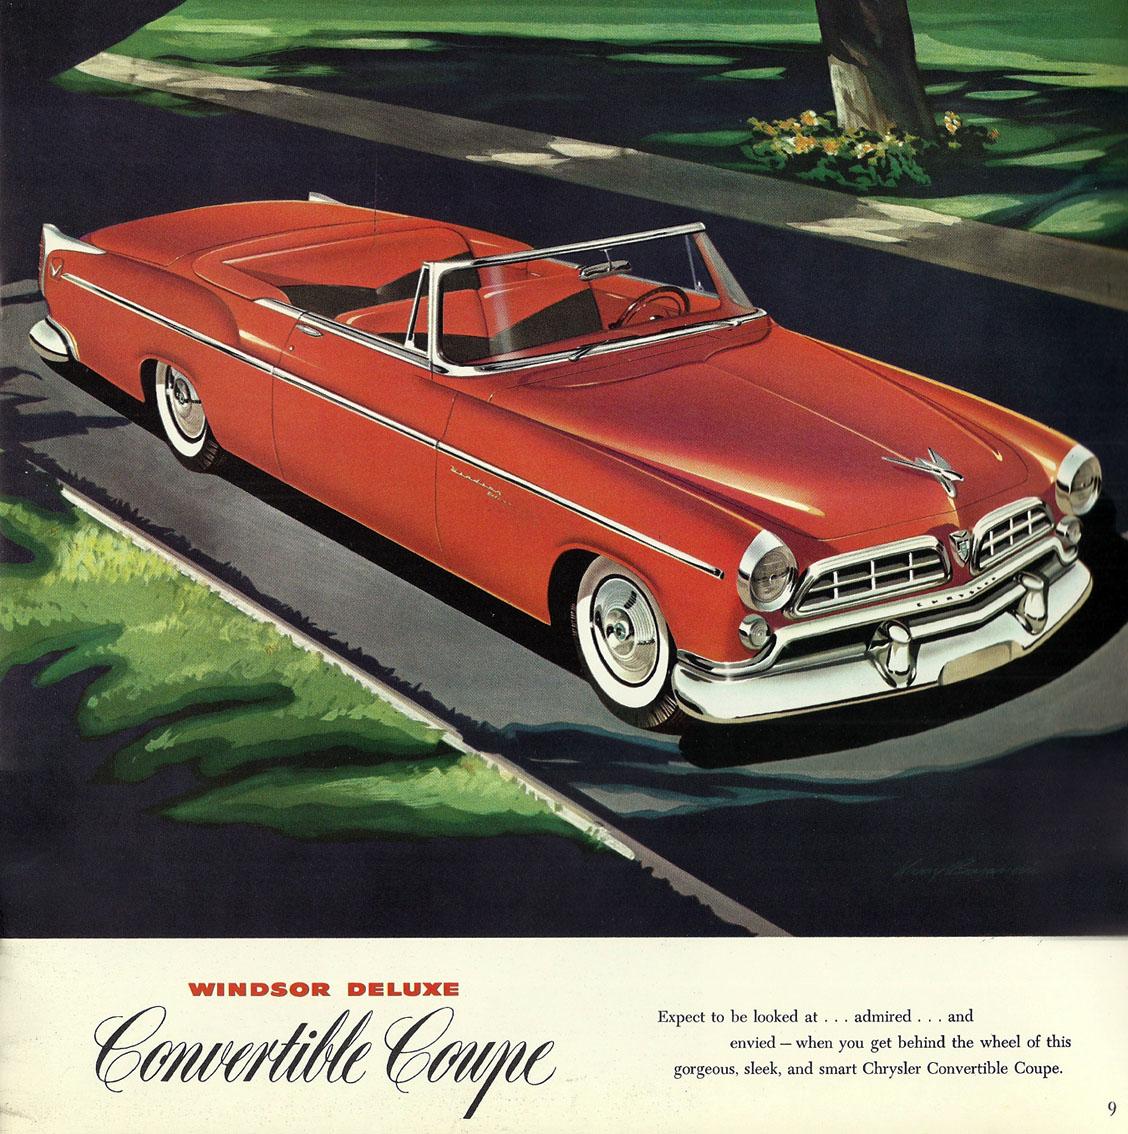 Classic Cars, 1955 Chrysler Windsor